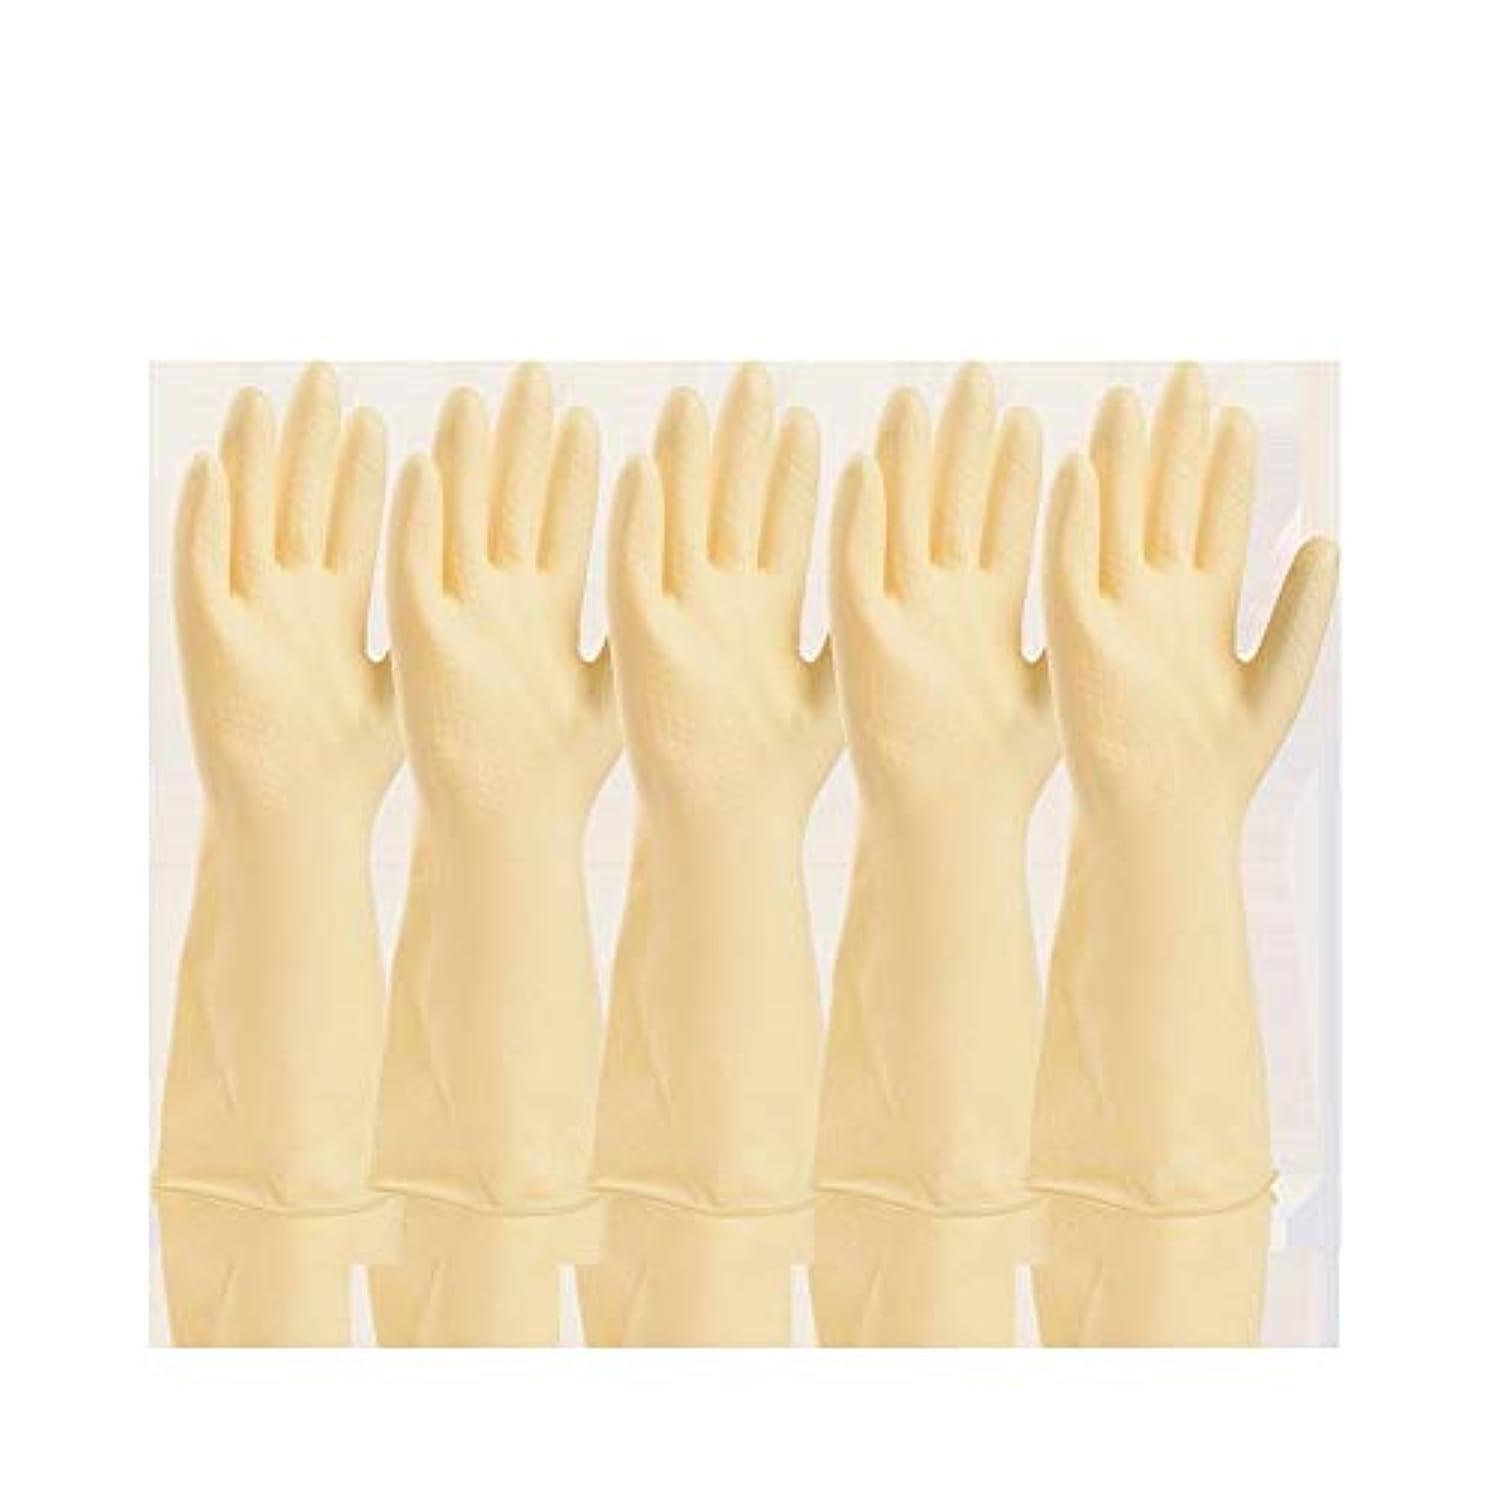 桃こどもの宮殿深めるニトリルゴム手袋 工業用手袋厚手のプラスチック製保護用耐水性防水ラテックス手袋、5ペア 使い捨て手袋 (Color : White, Size : L)